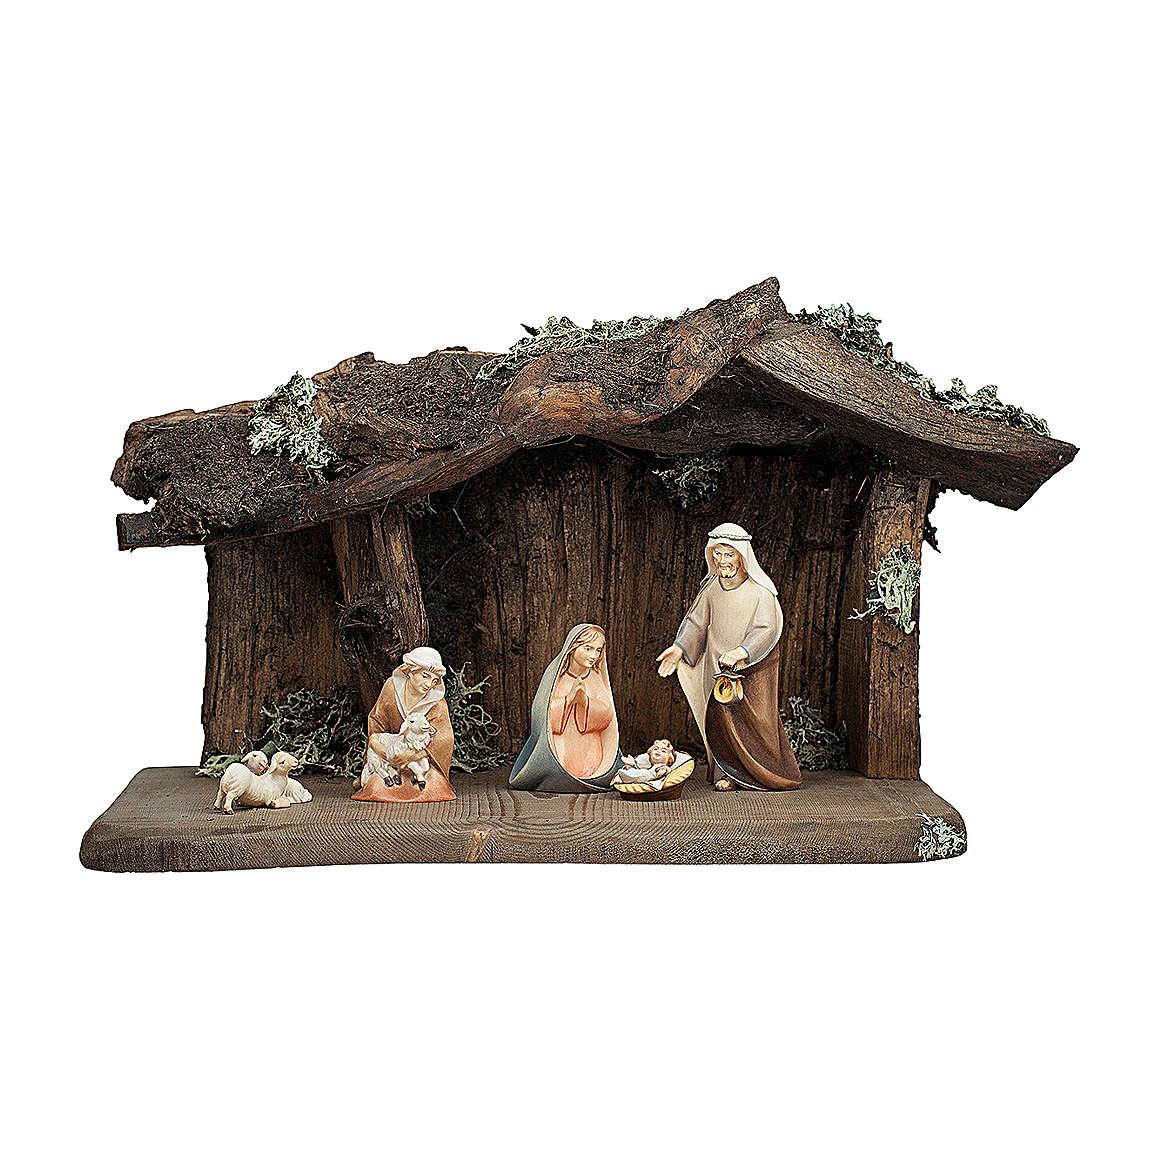 Presepe nella grotta mod. Original Cometa legno dipinto in Val Gardena 12 cm - 7 pz 4